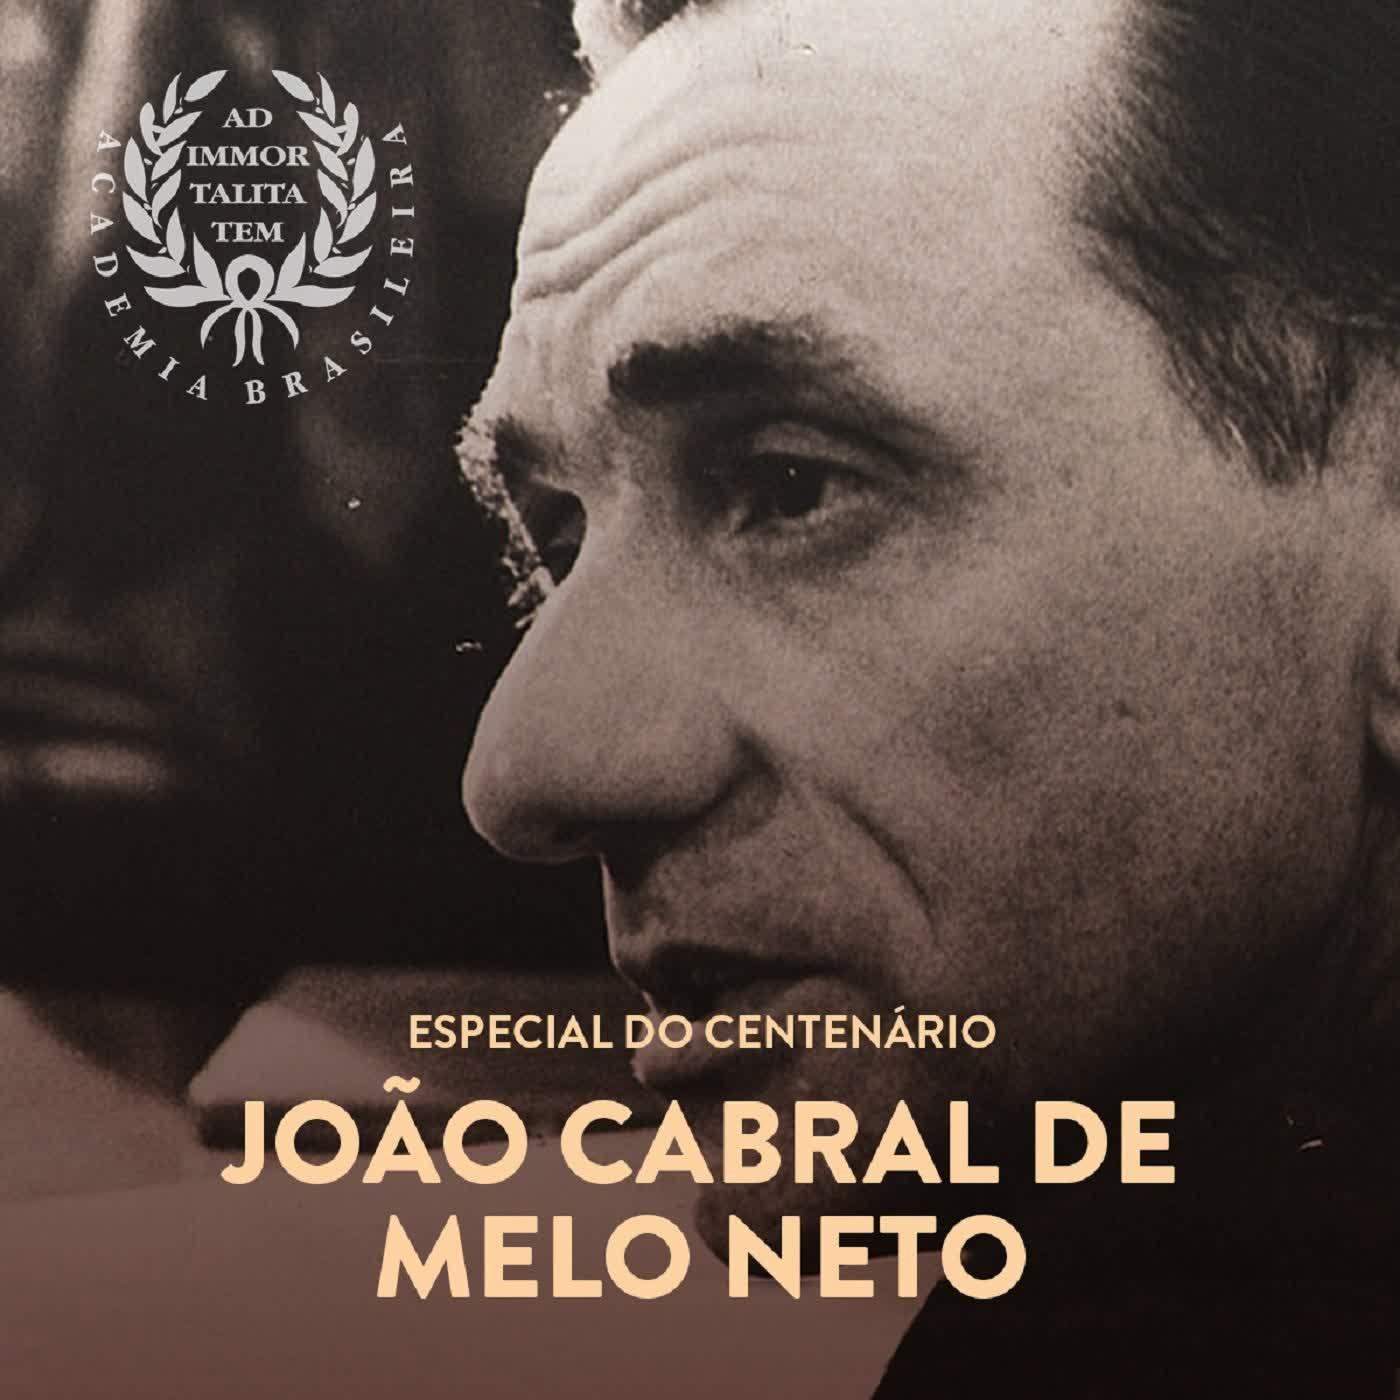 Podcast: Especial do Centenário de João Cabral de Melo Neto | Acadêmico Antonio Cicero